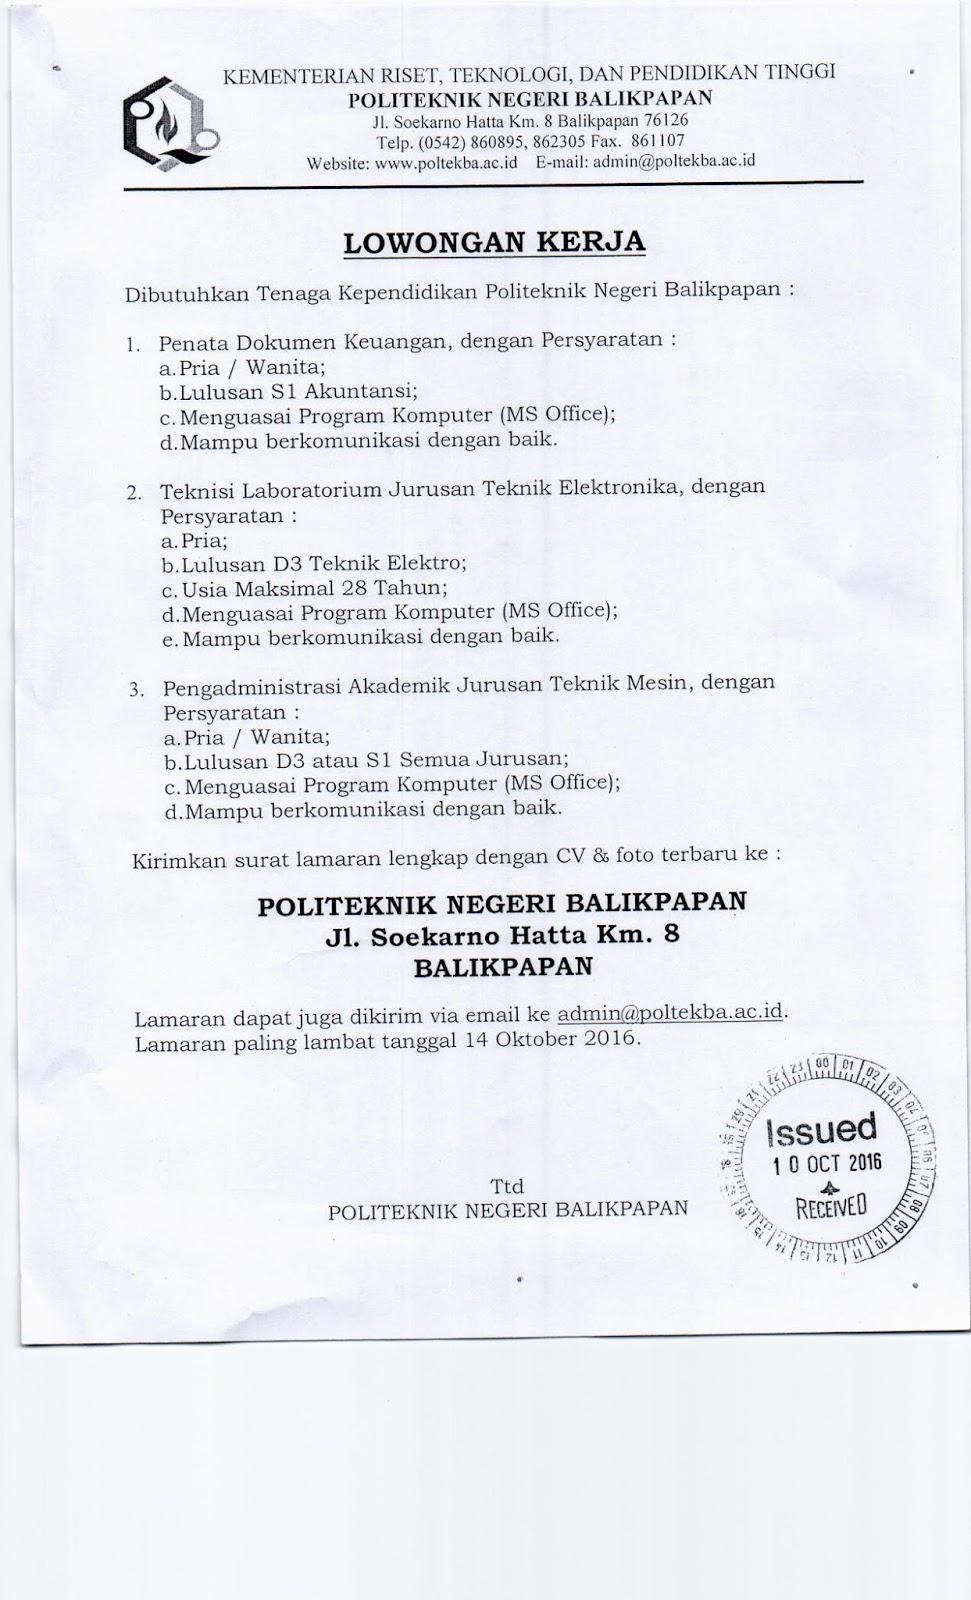 Lowongan Politeknik Negeri Balikpapan